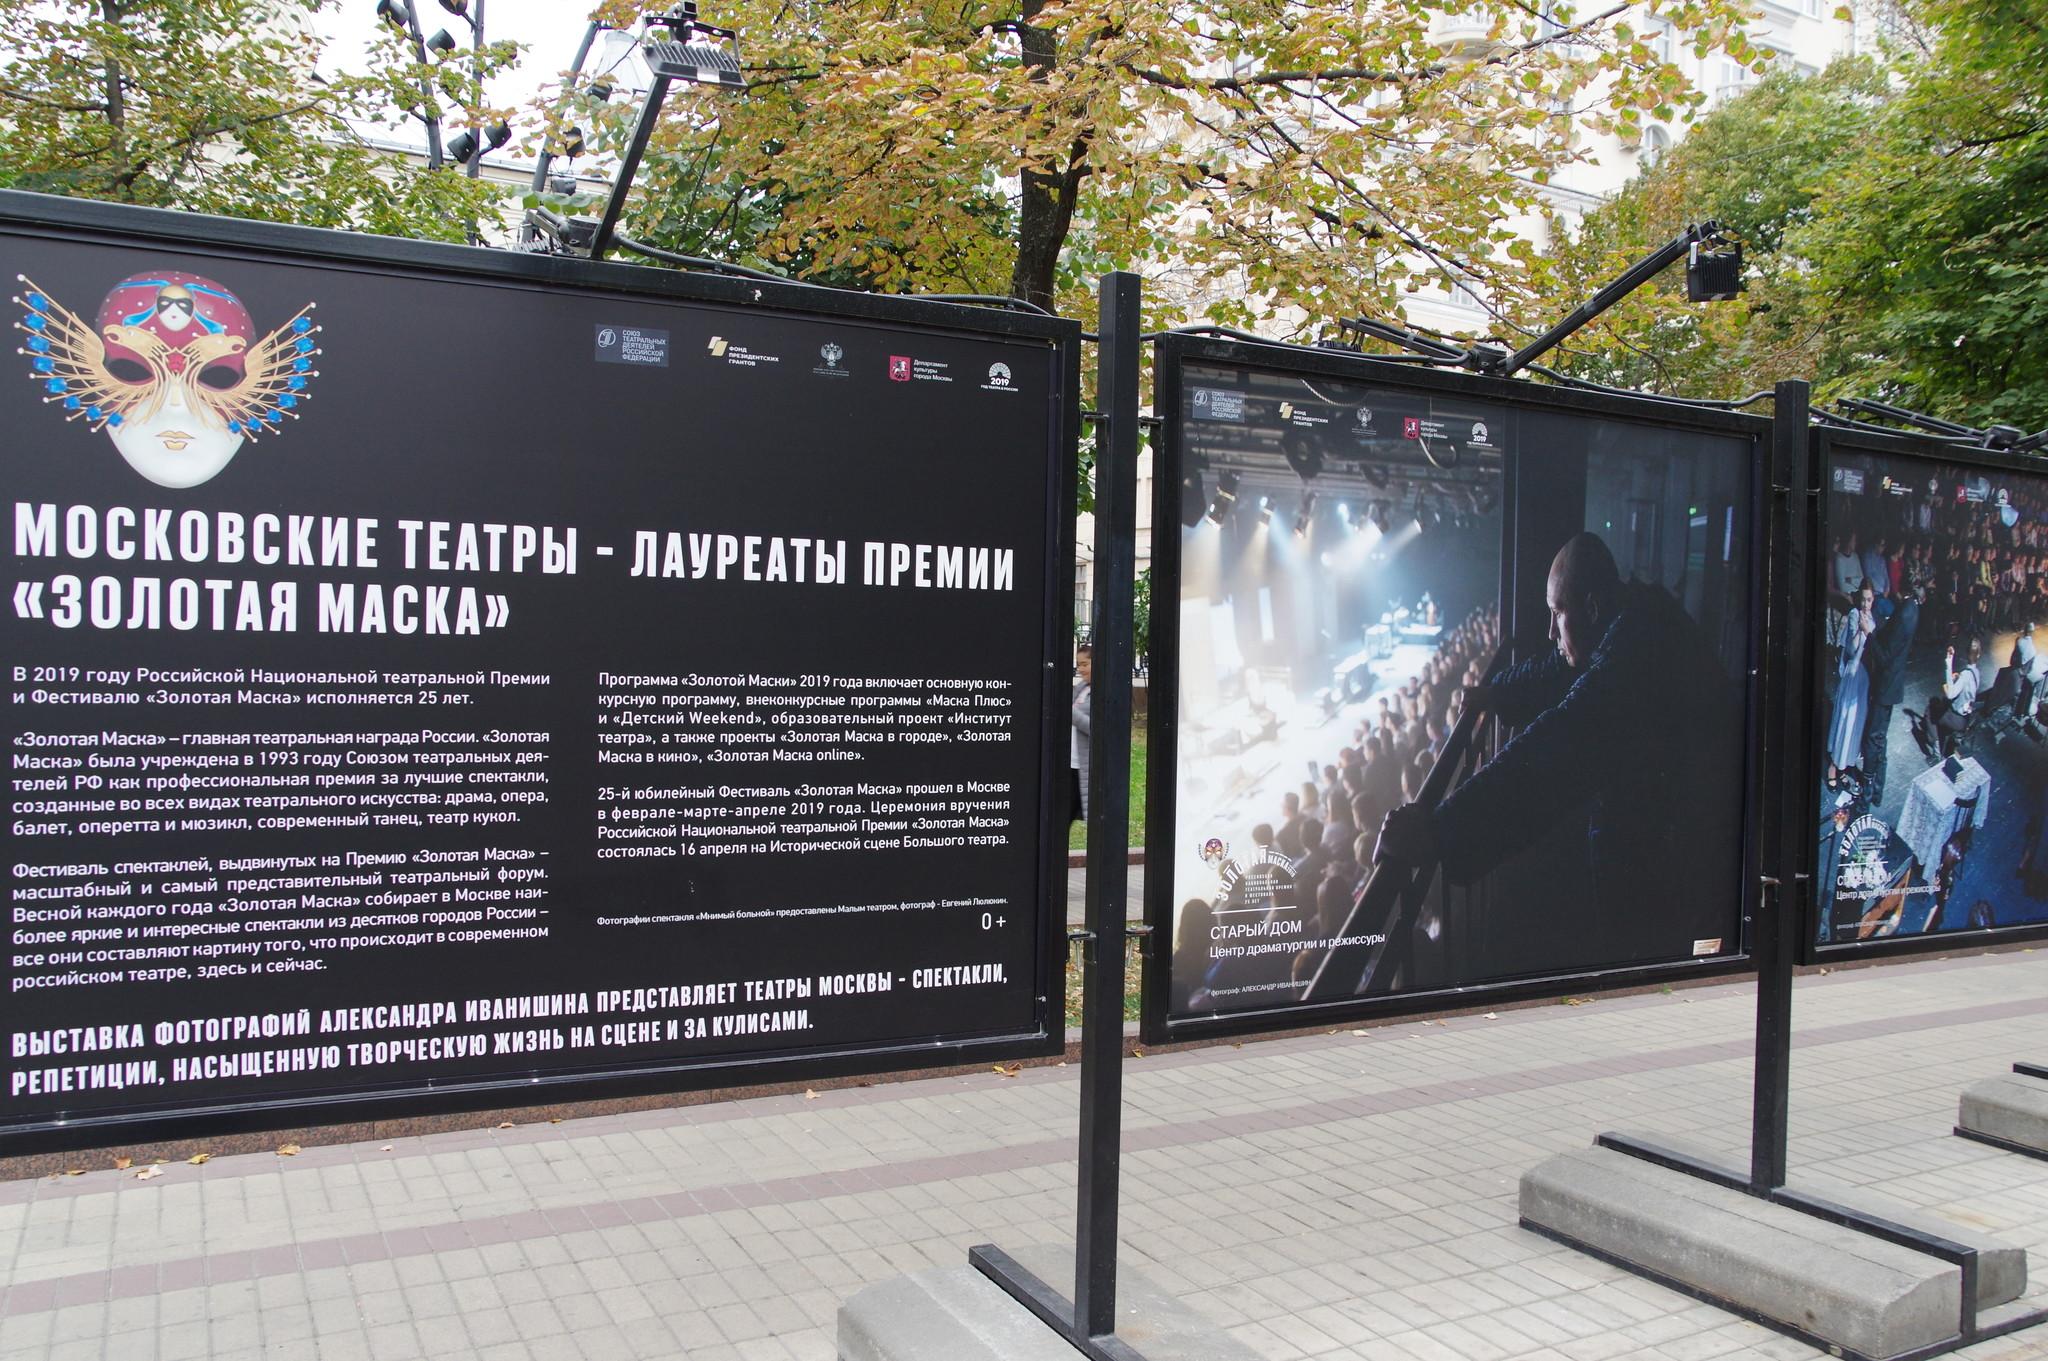 Фотовыставка «Московские театры - лауреаты премии «Золотая маска»»